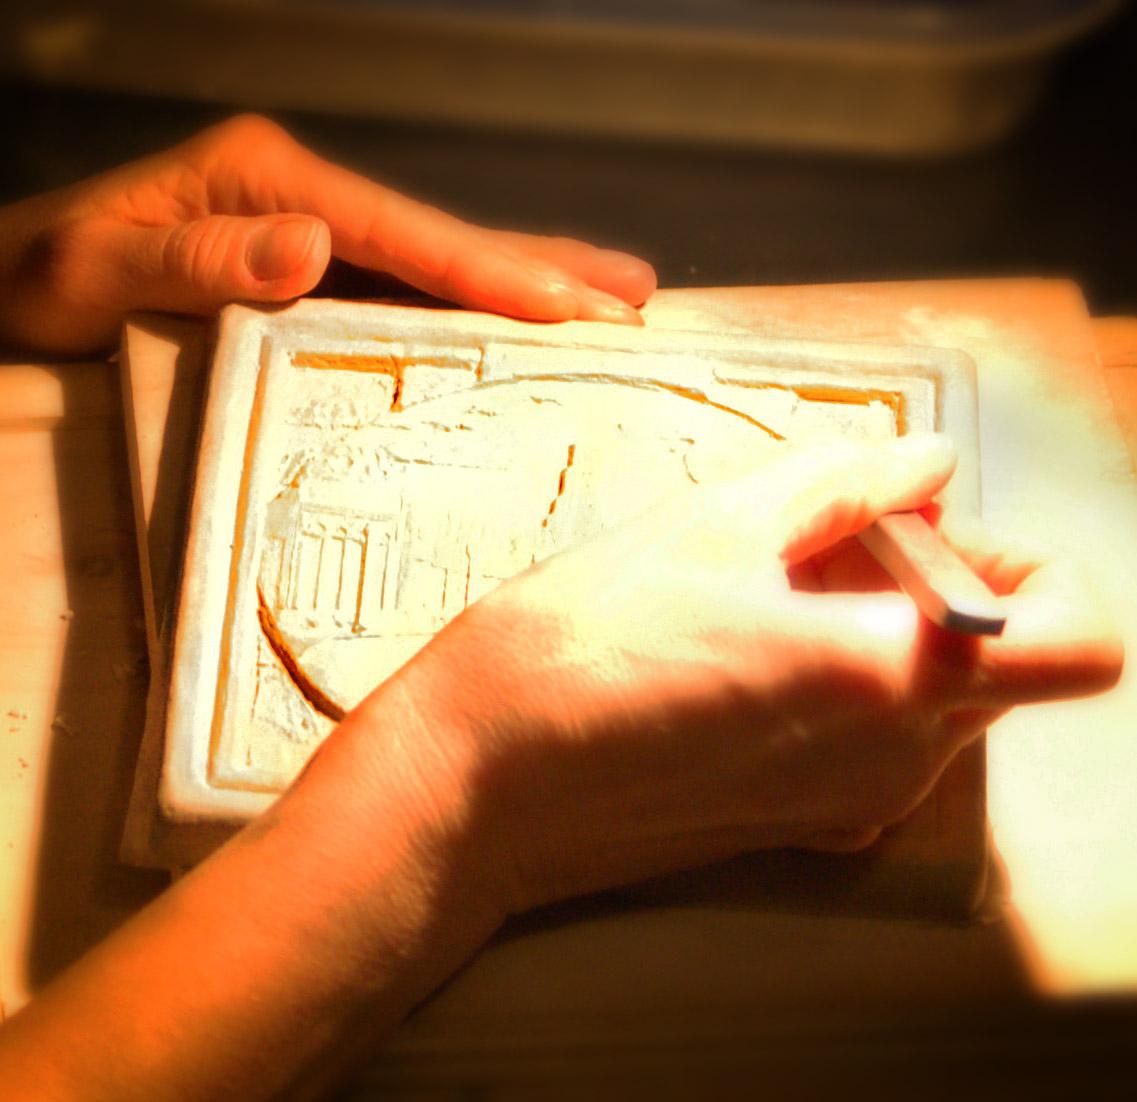 artist Tonya Lutz sculpts a new tile design by hand.